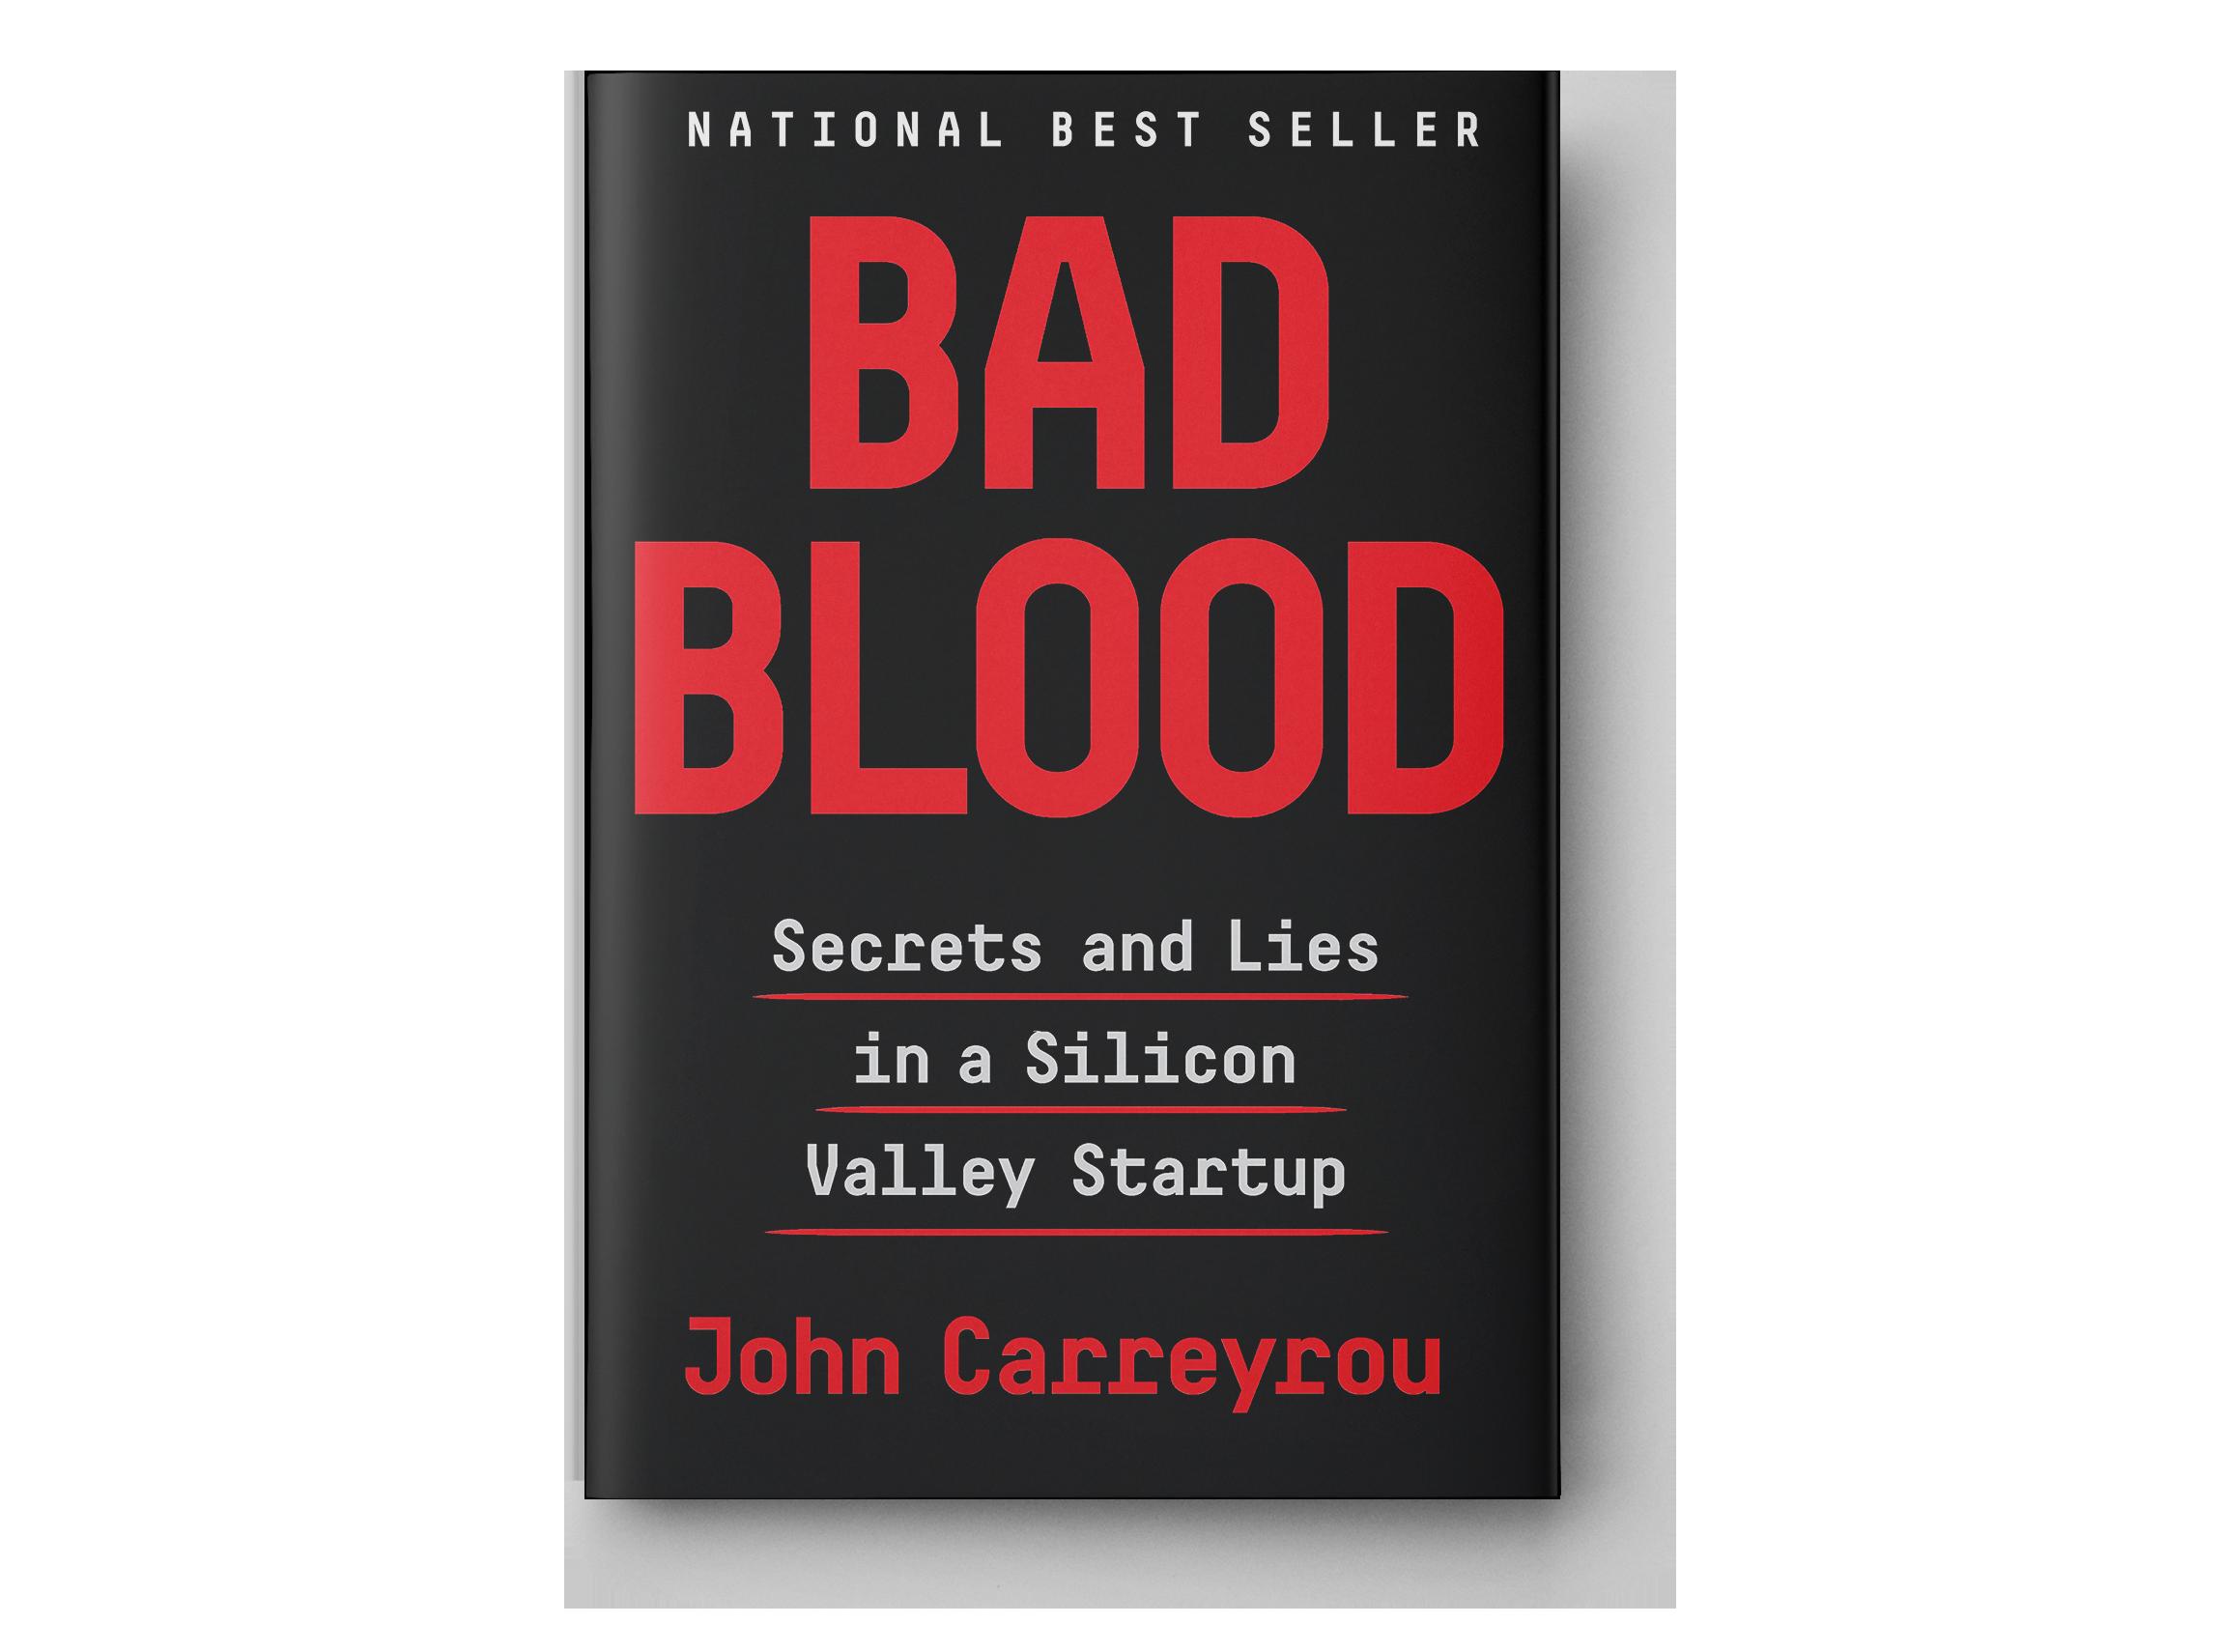 在《坏血》的故事里,学会辨别行骗的「梦想」和真诚的「谎言」